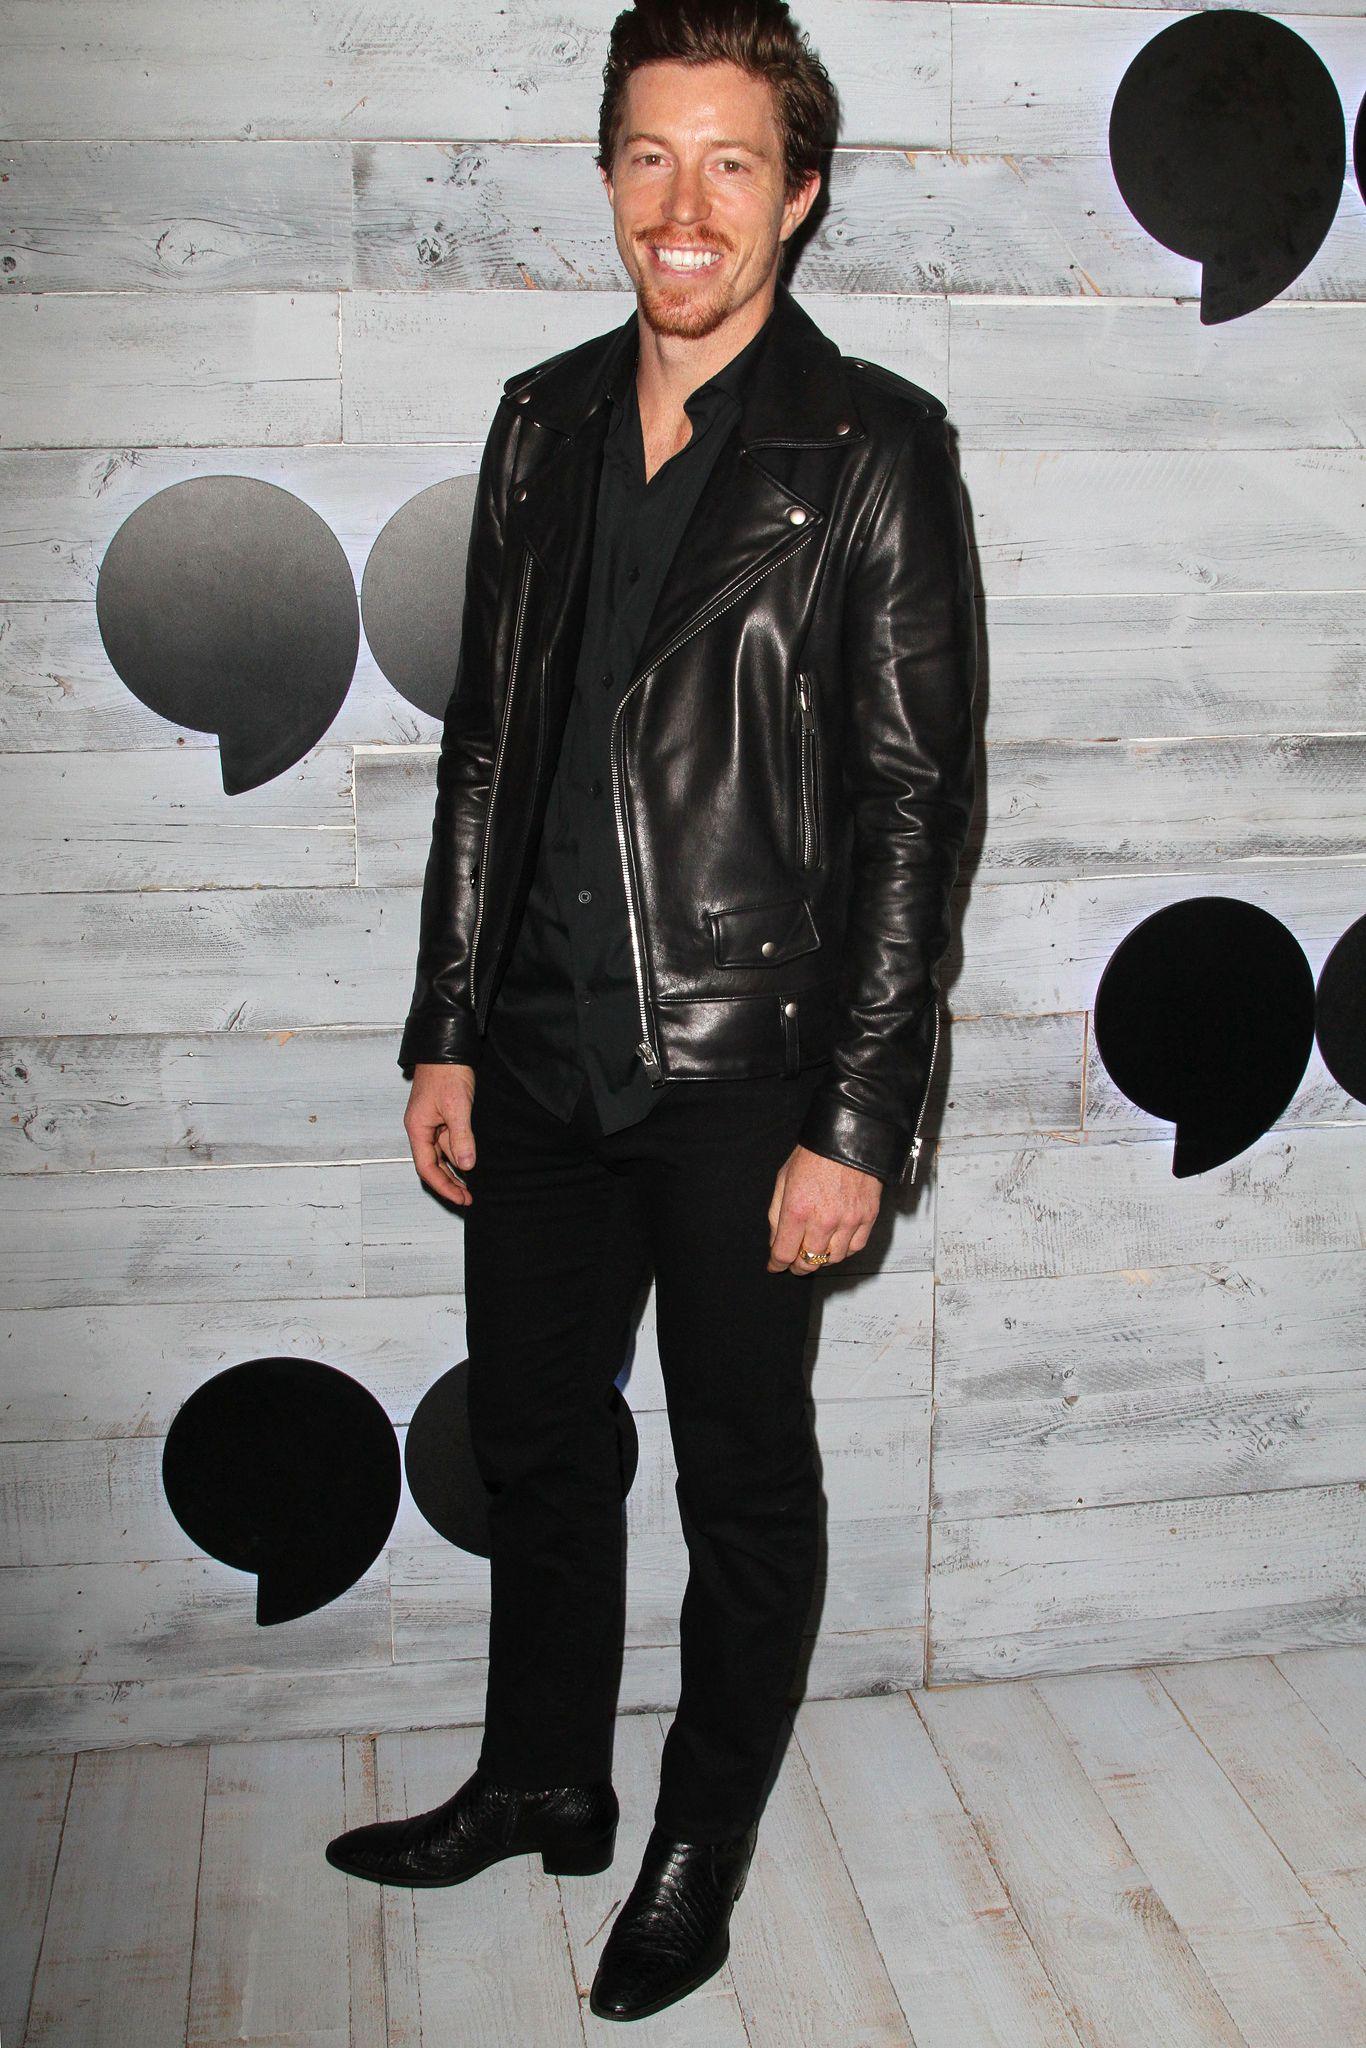 Black Leather Jacket Leather Jacket Shaun White [ 2048 x 1366 Pixel ]